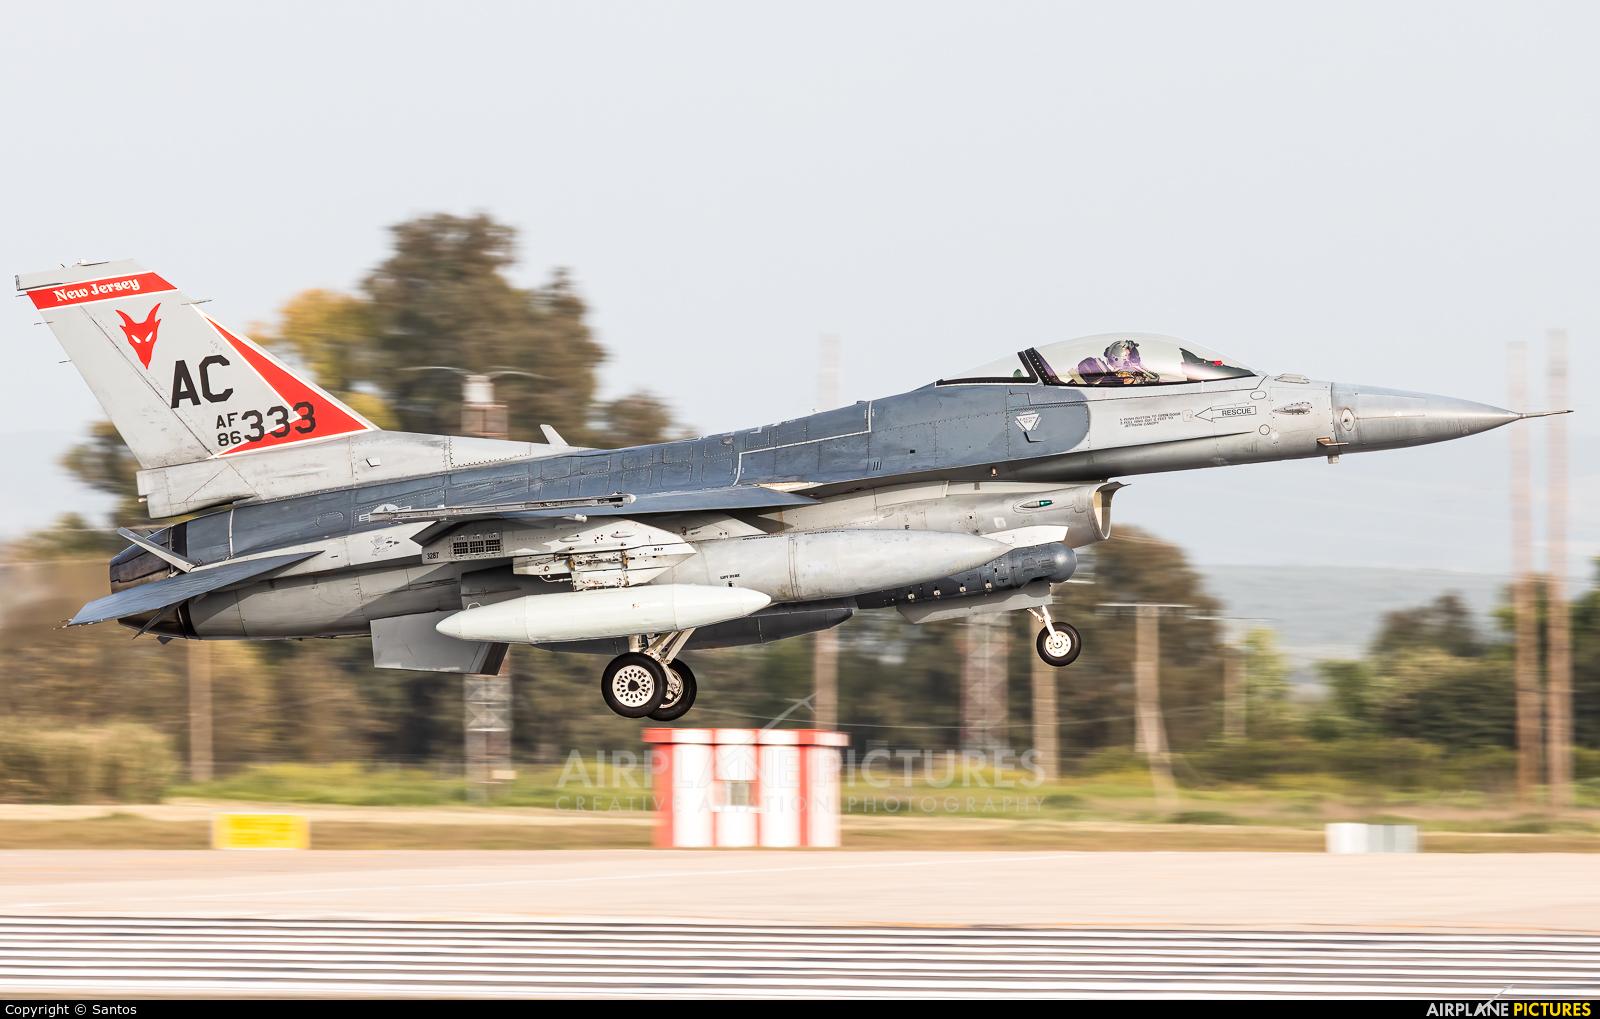 USA - Air Force 86-0333 aircraft at Seville - Moron de la Frontera